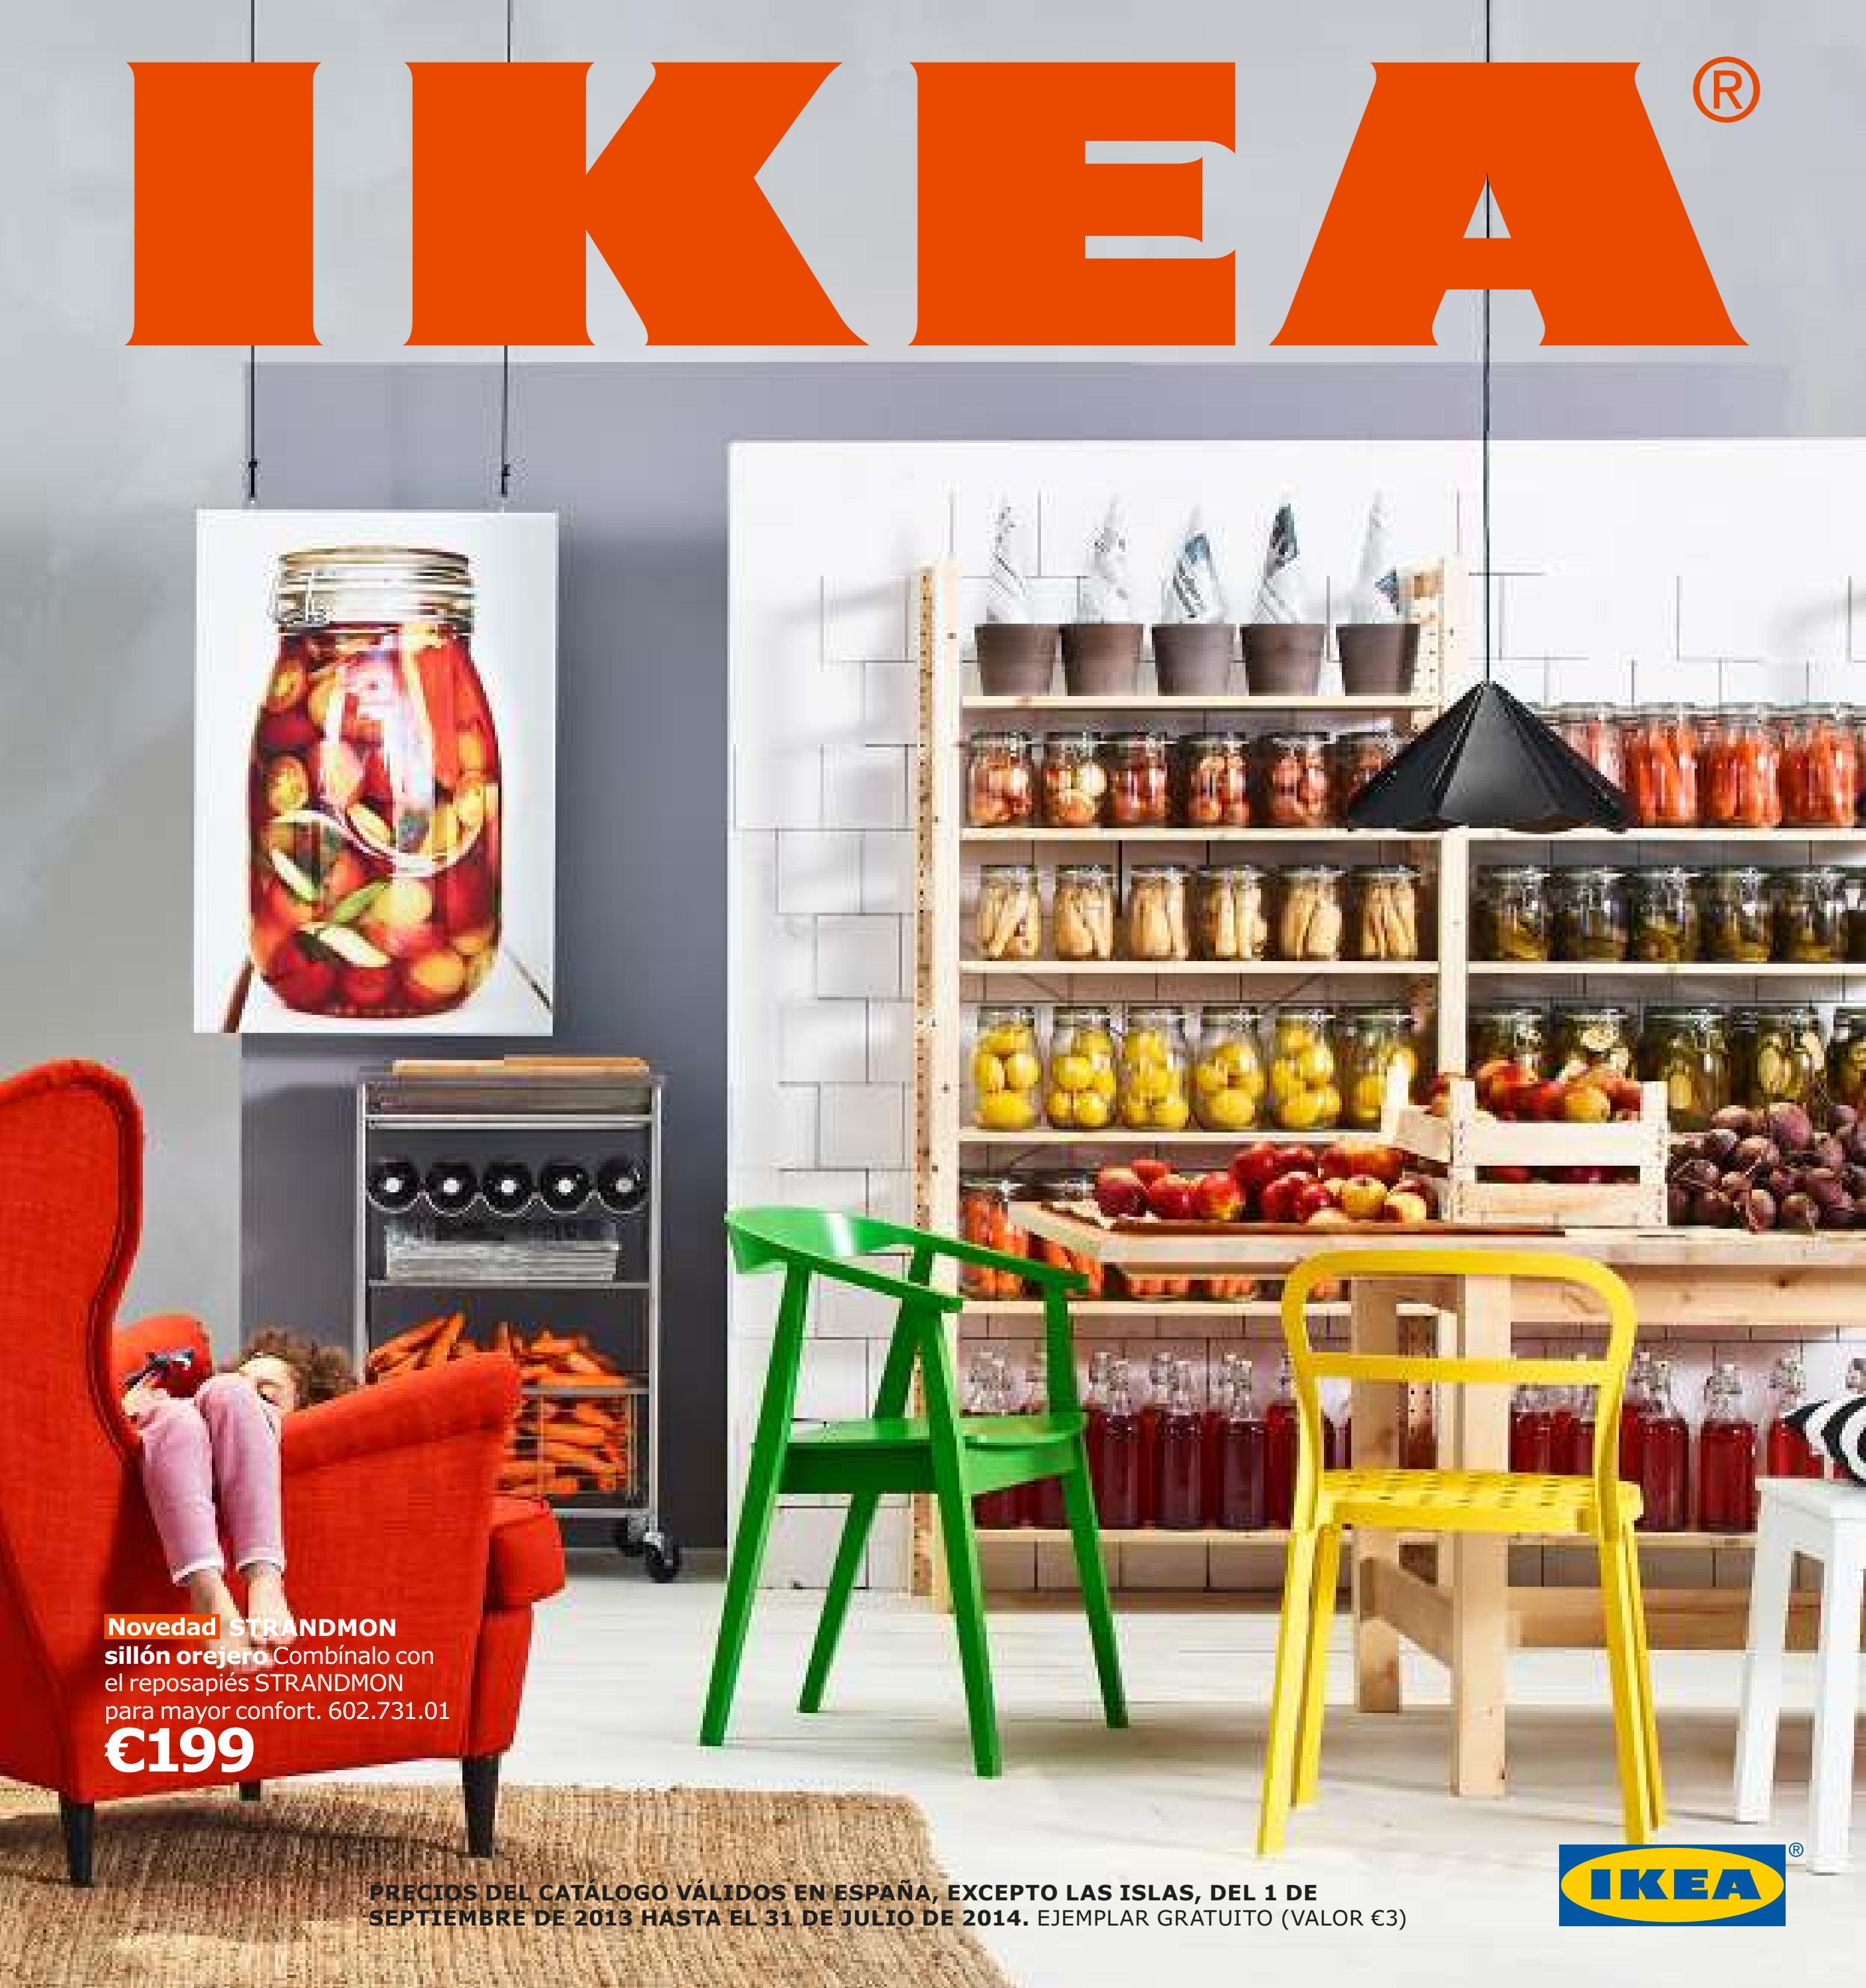 Ikea catalogo 2014 by SuperCatalogos.es - issuu